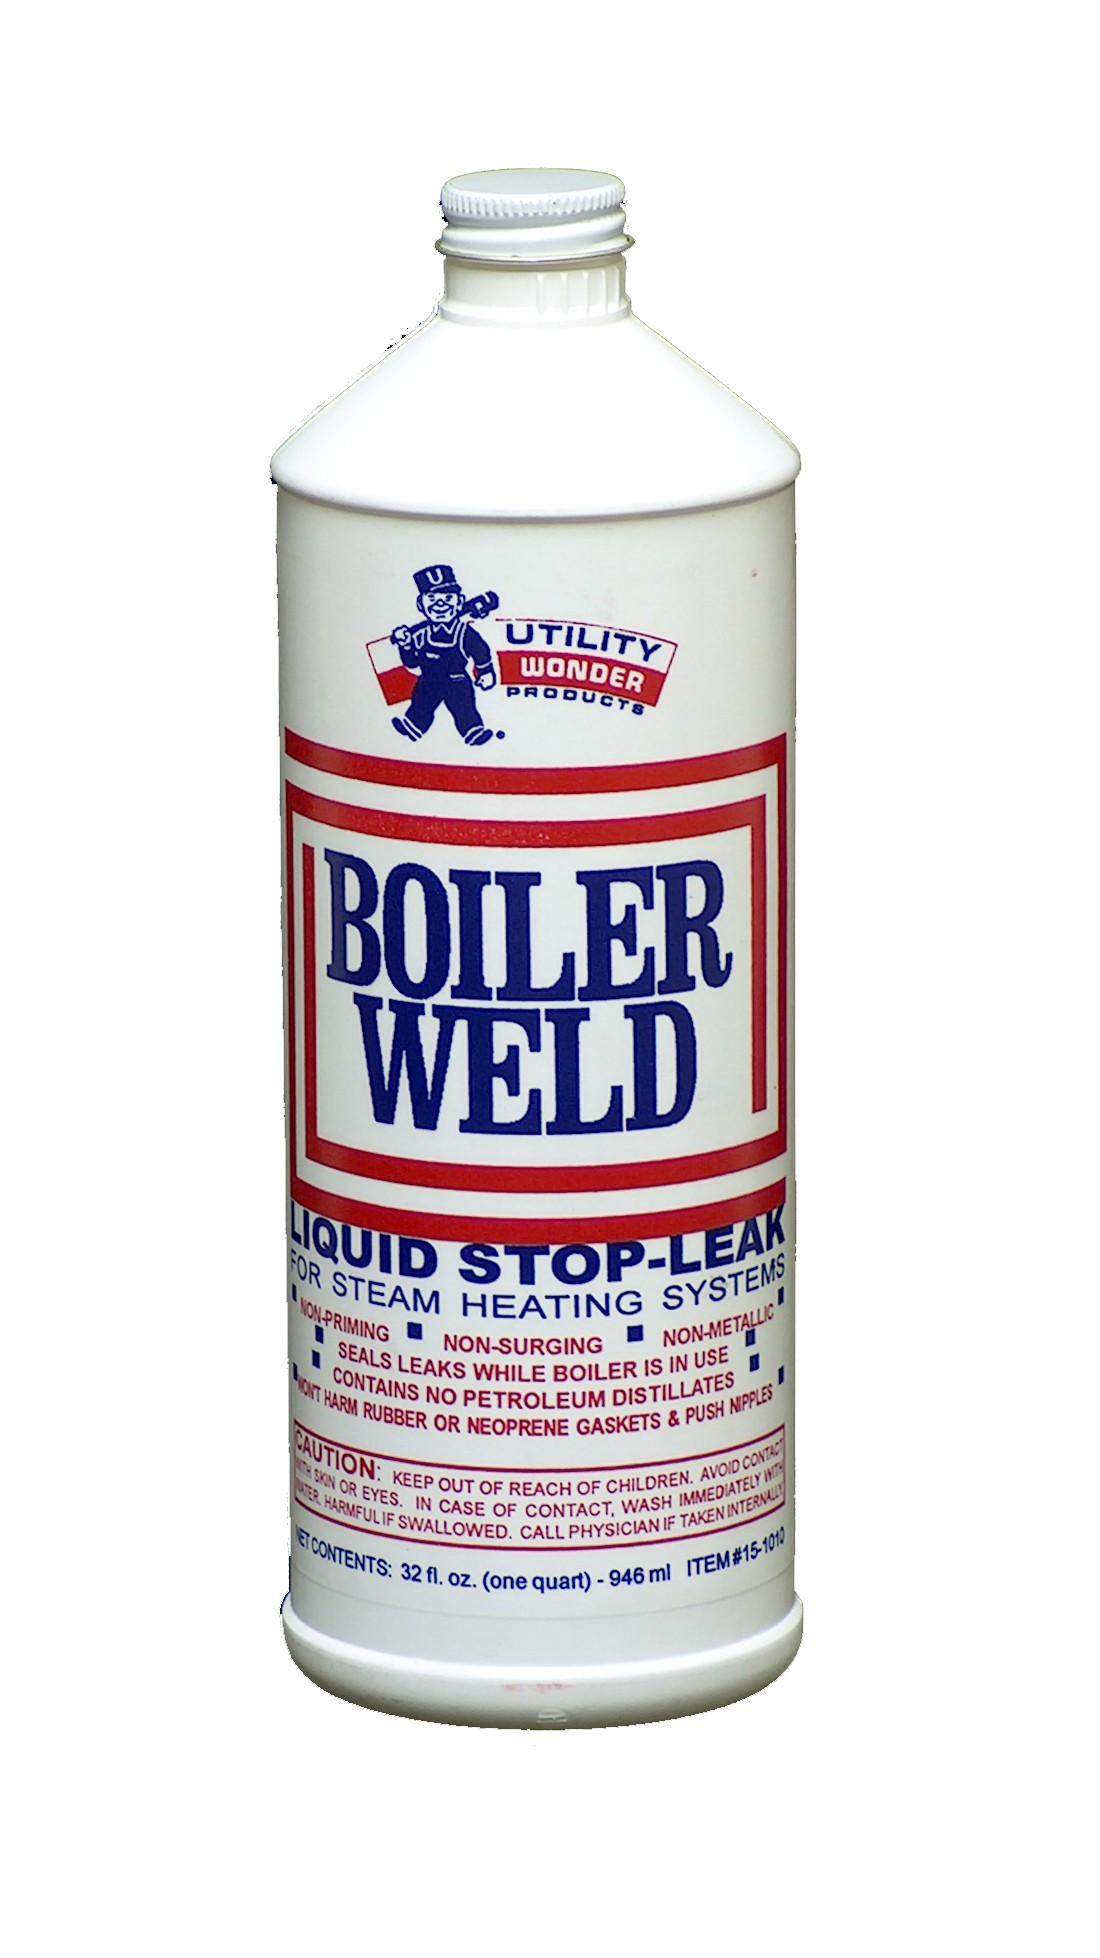 BOILER WELD LIQUID STOP-LEAK